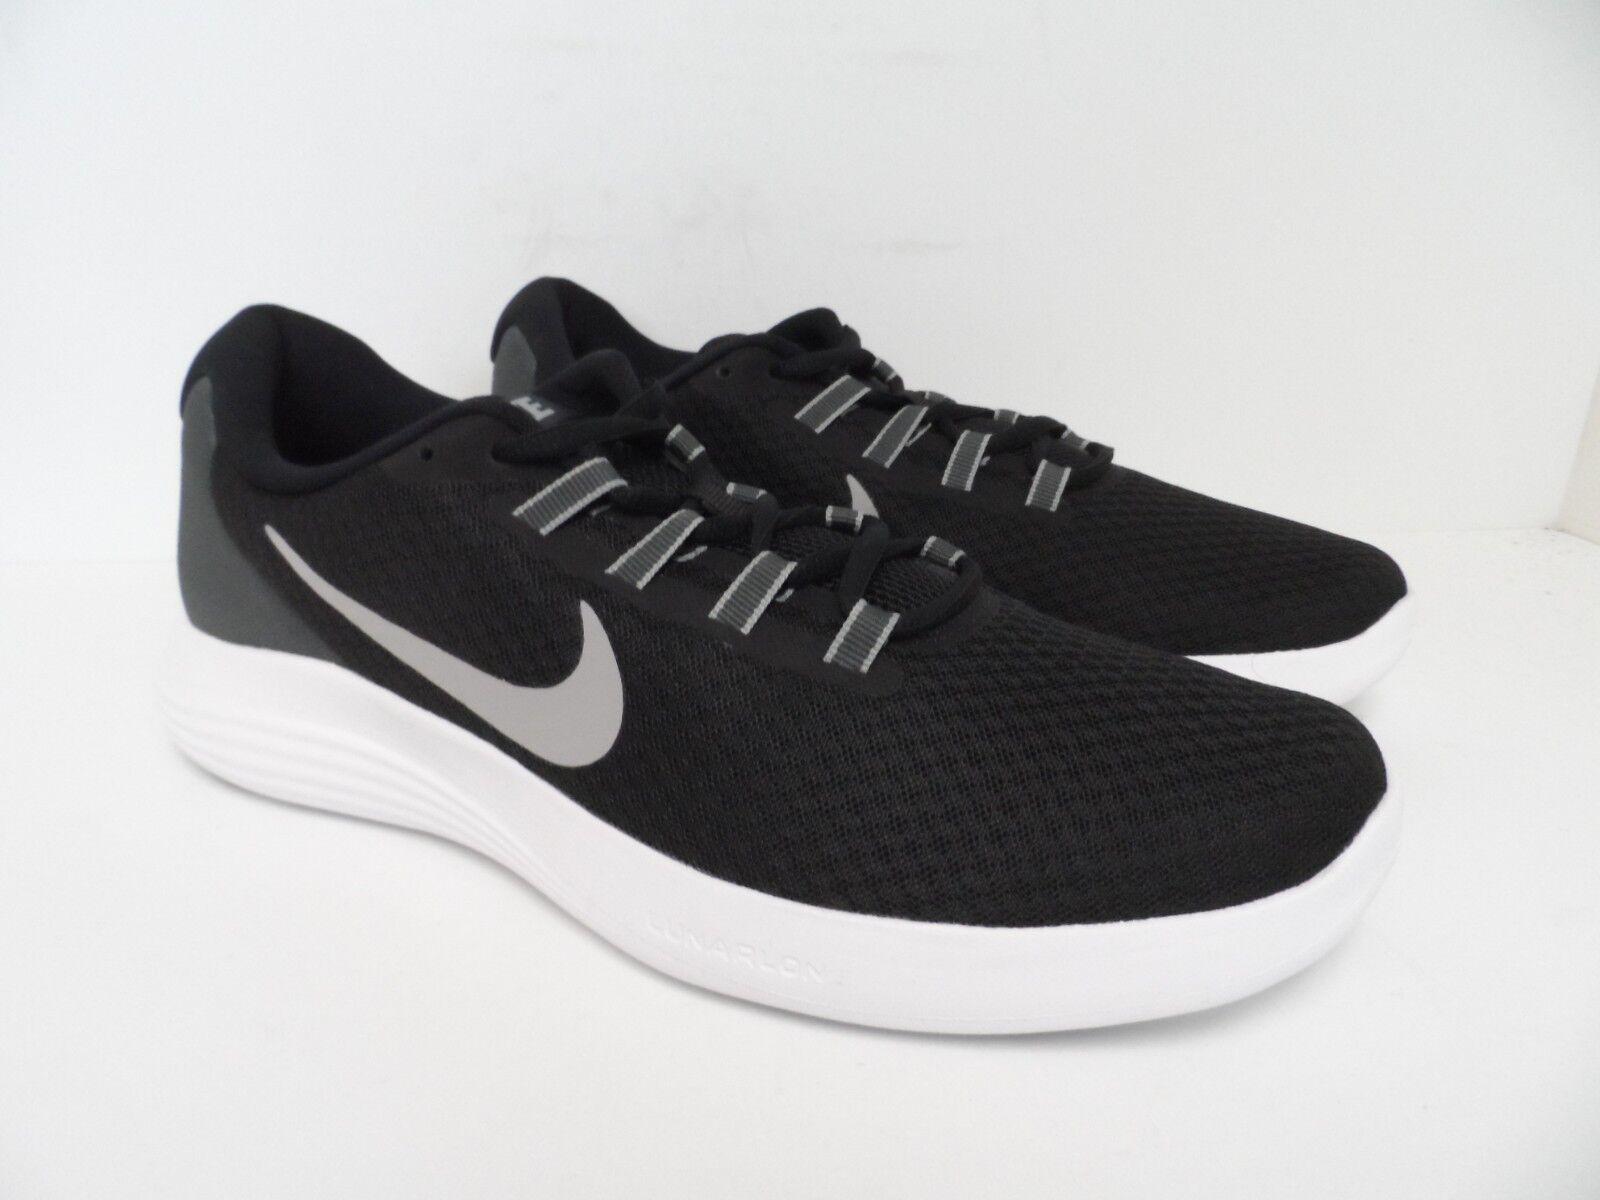 nike uomini lunarcoverage atletico scarpa da da scarpa corsa, grigio e bianco nero taglia 10 1fb76a